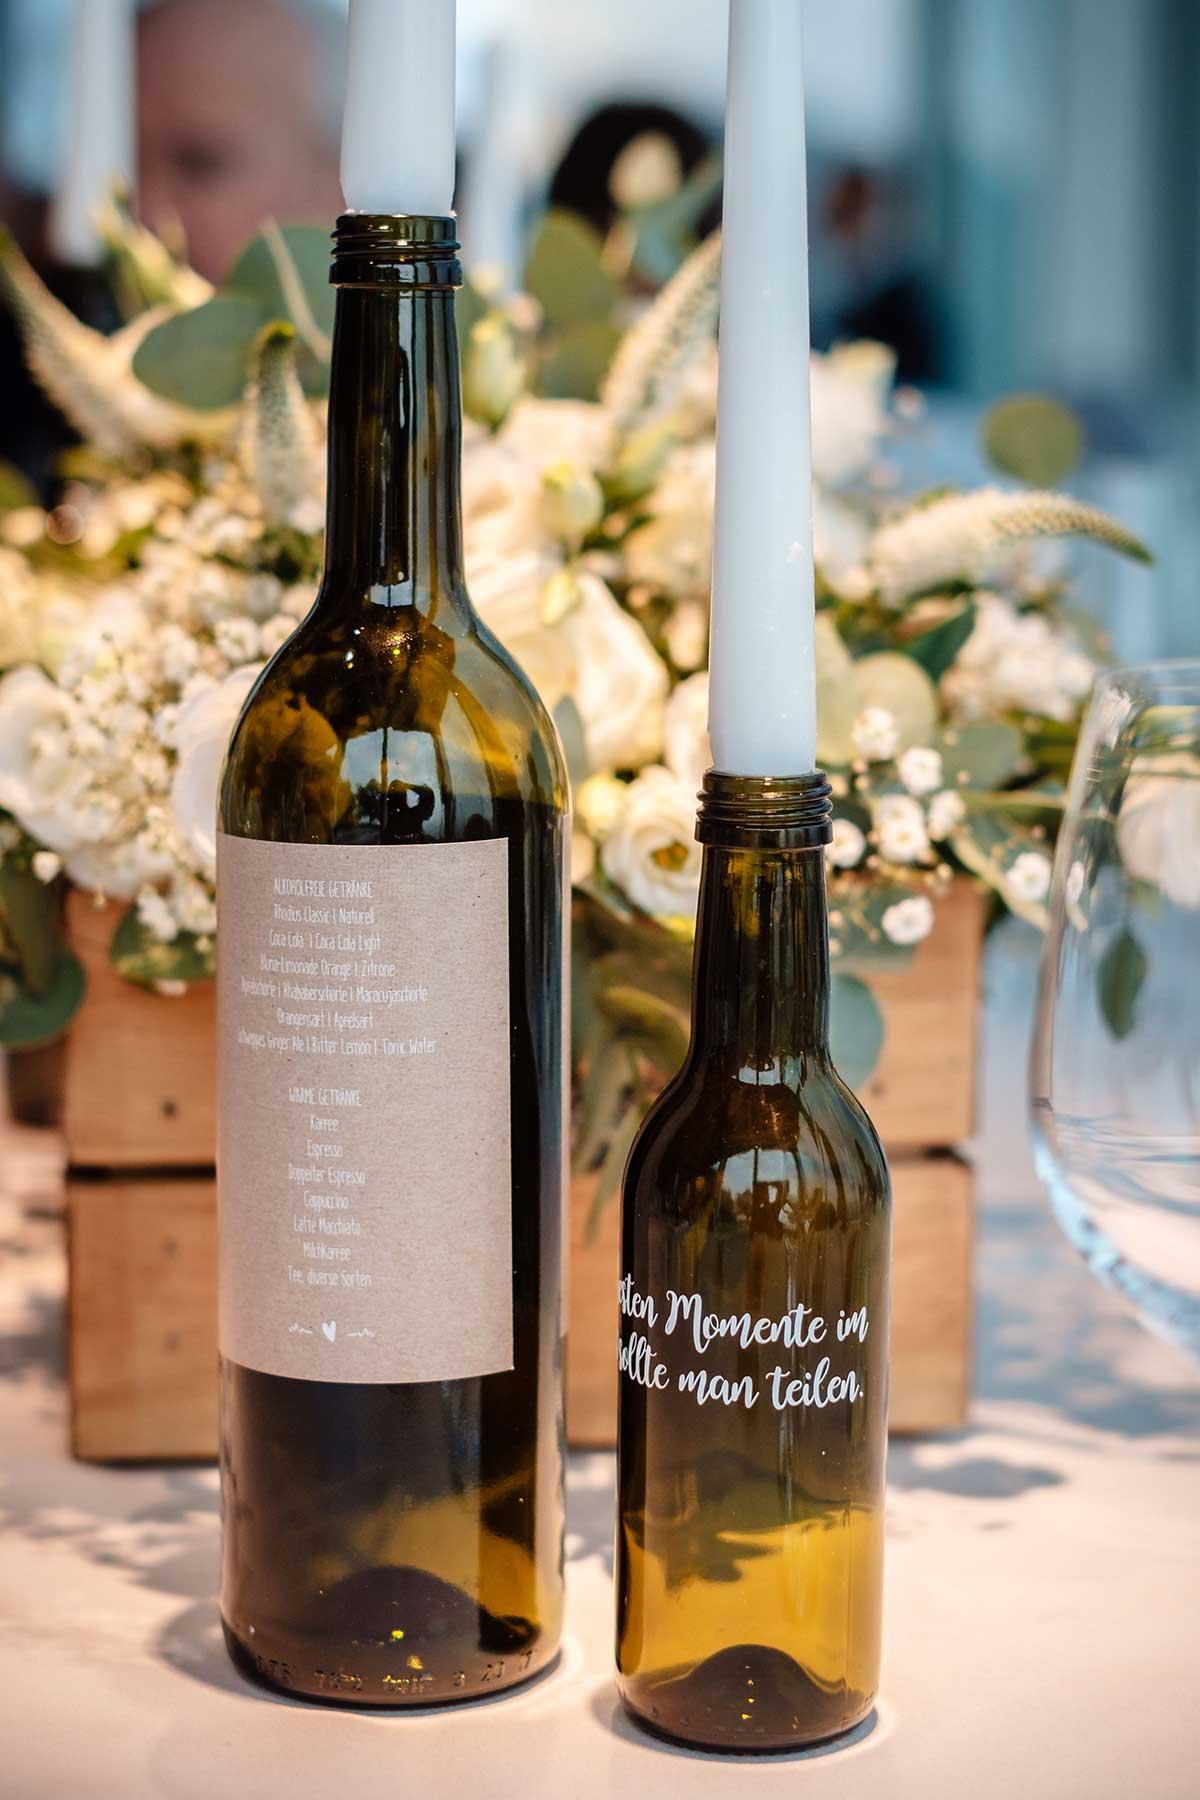 Menükarte auf einem Etikett an einer Flasche